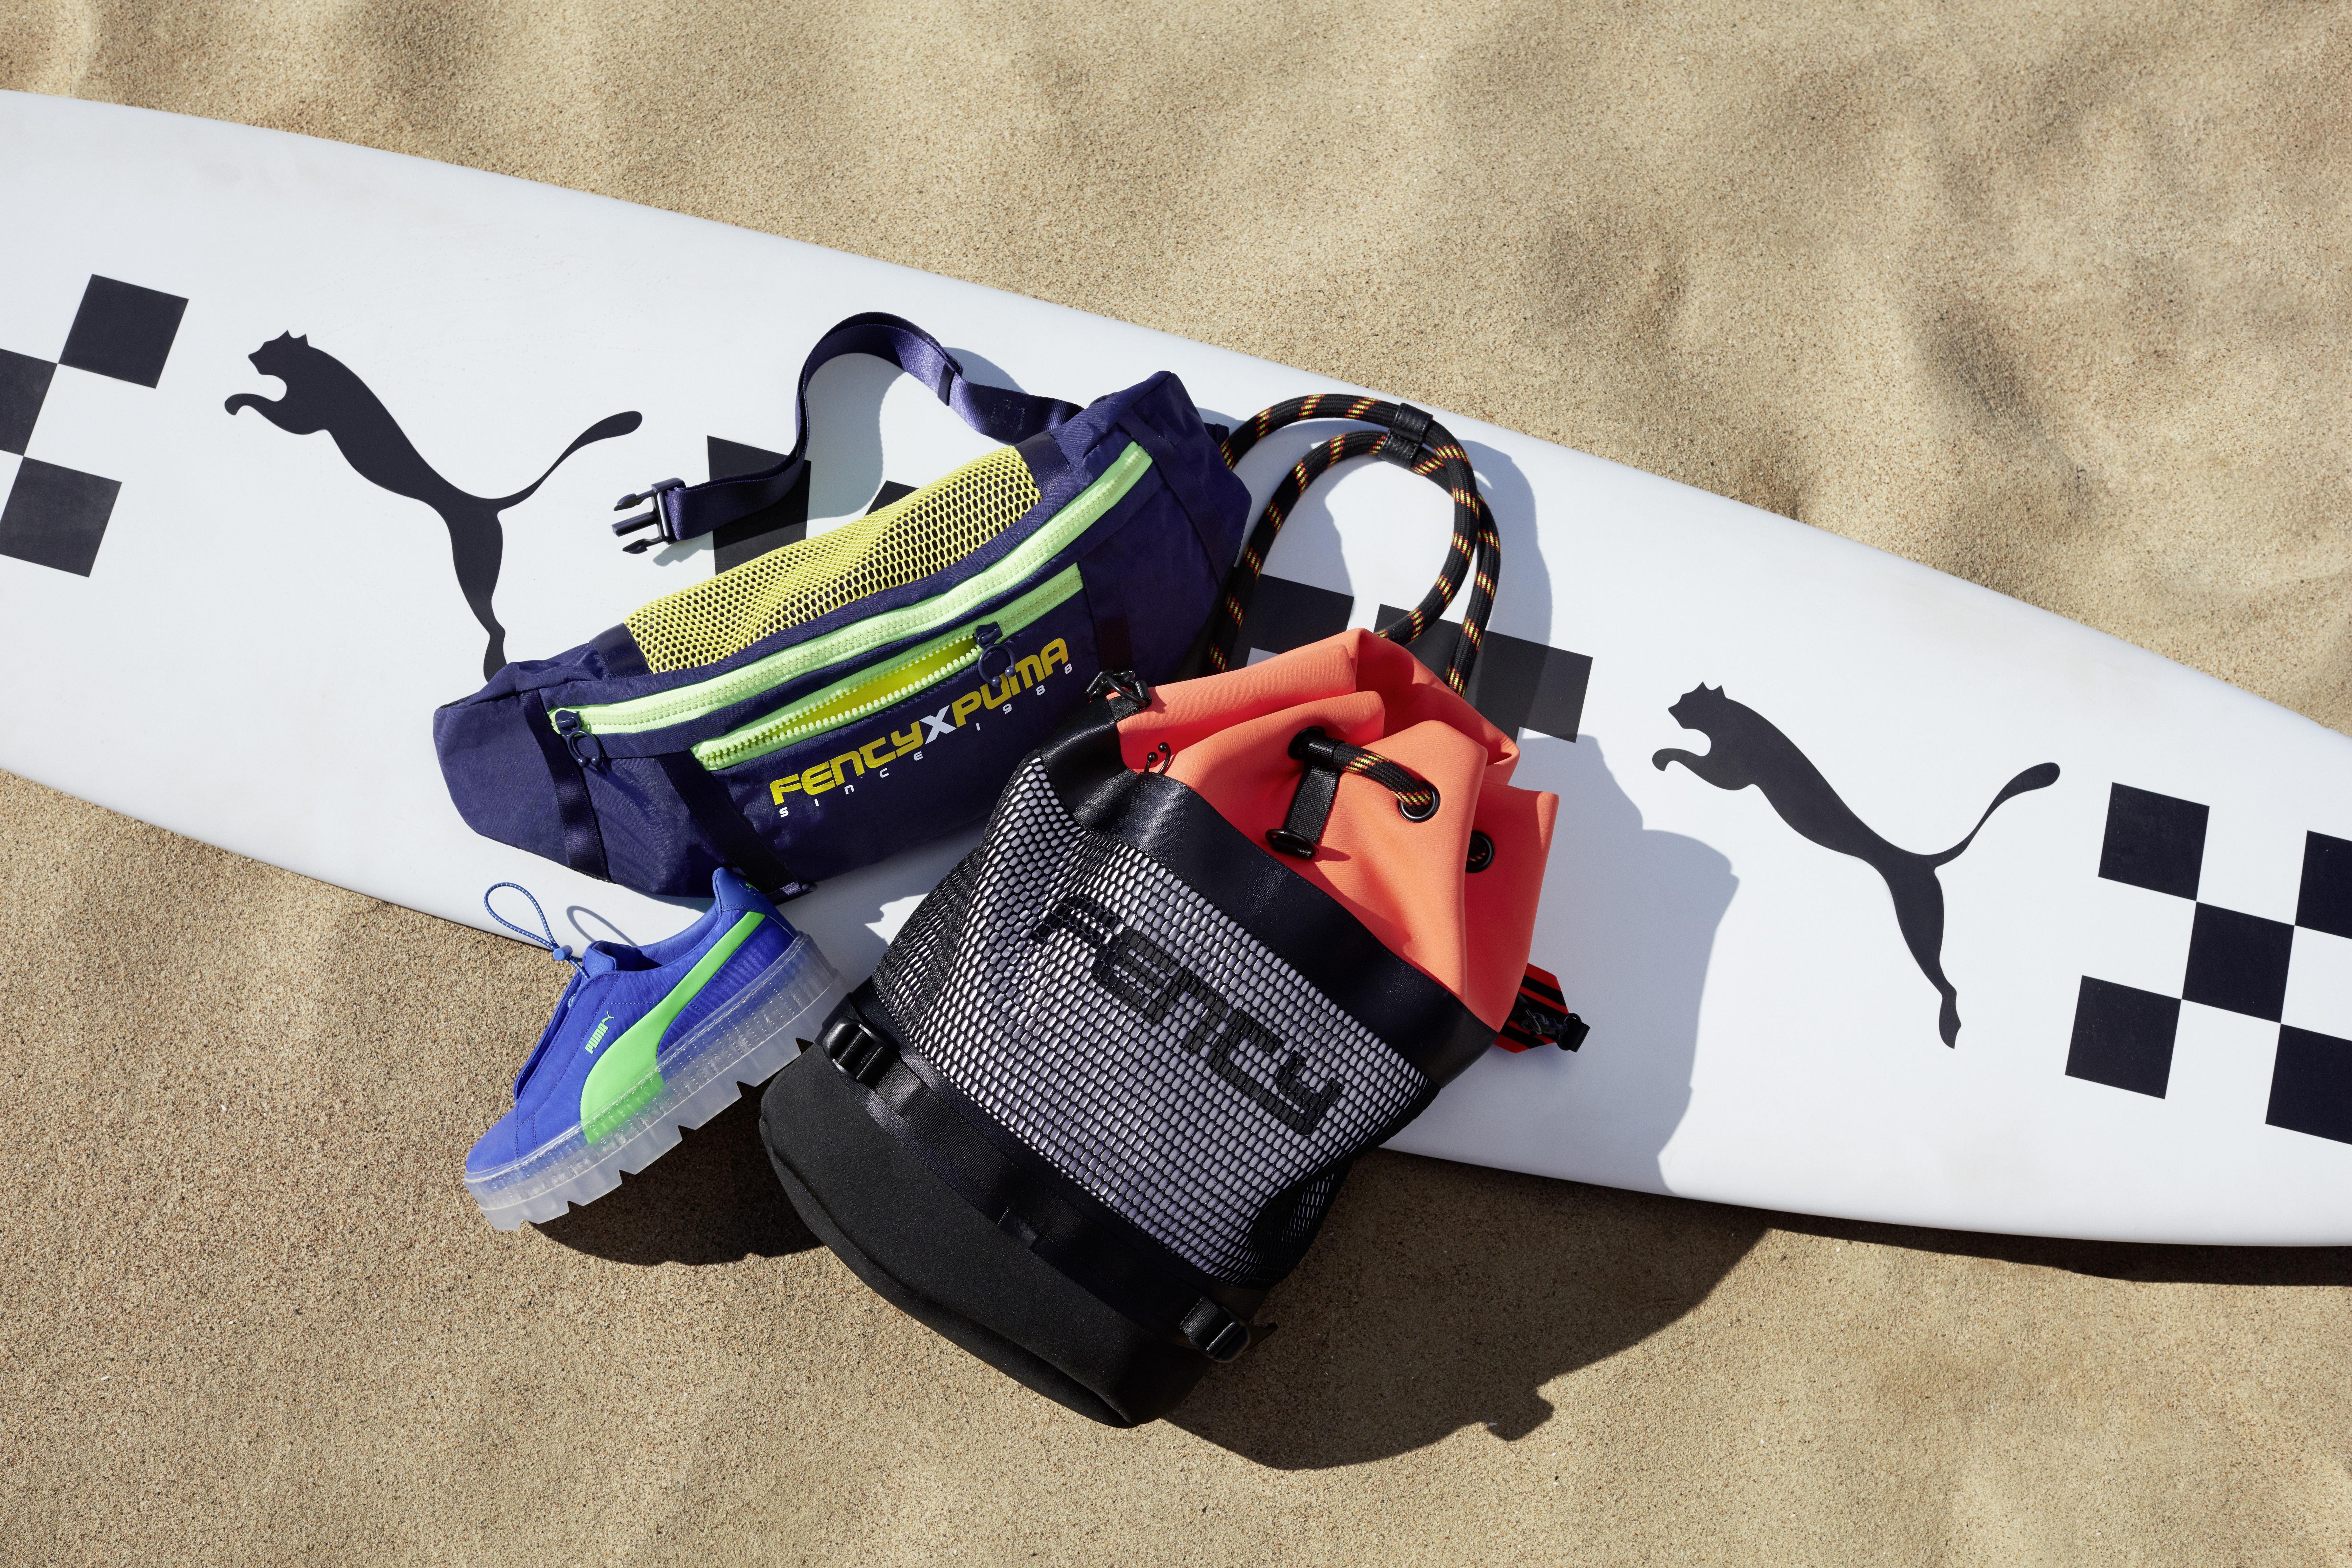 Surferski szyk spotyka motorsport w kolekcja Rihanny dla